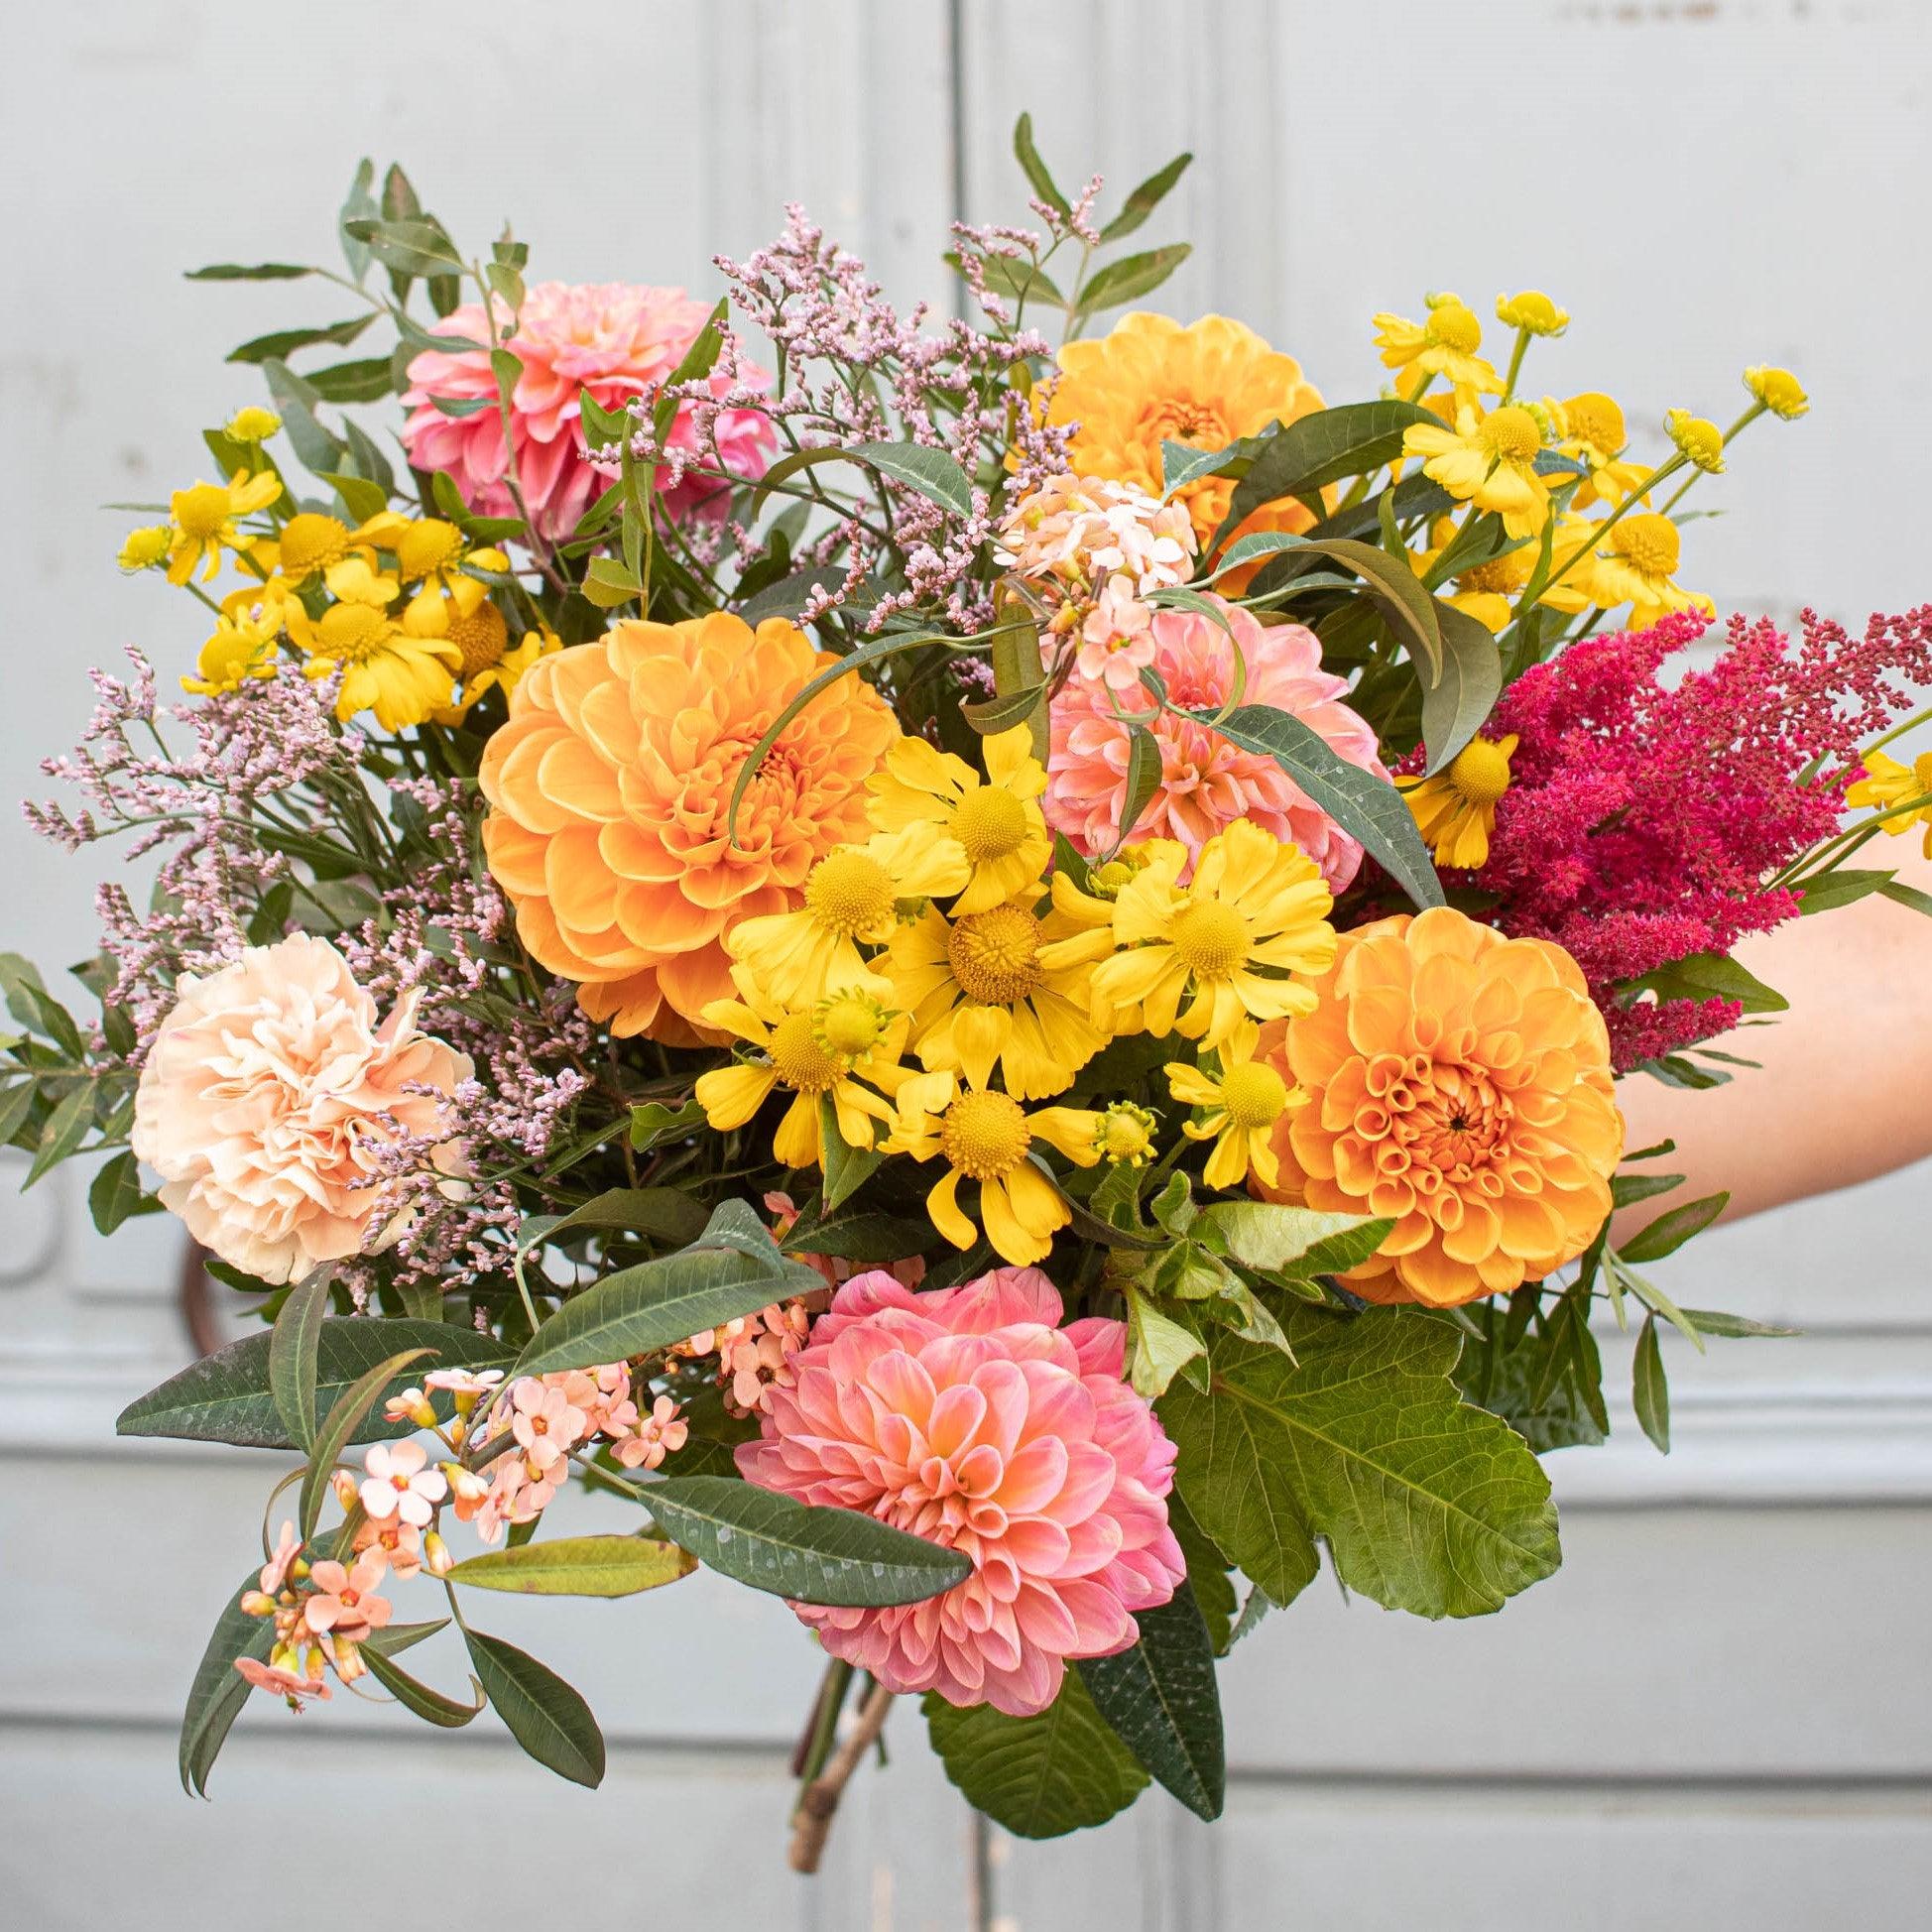 Le Bouquet de Chloé, gagnante du jeu concours spécial anniversaire, organisé pour les 5 ans. de Bergamotte.